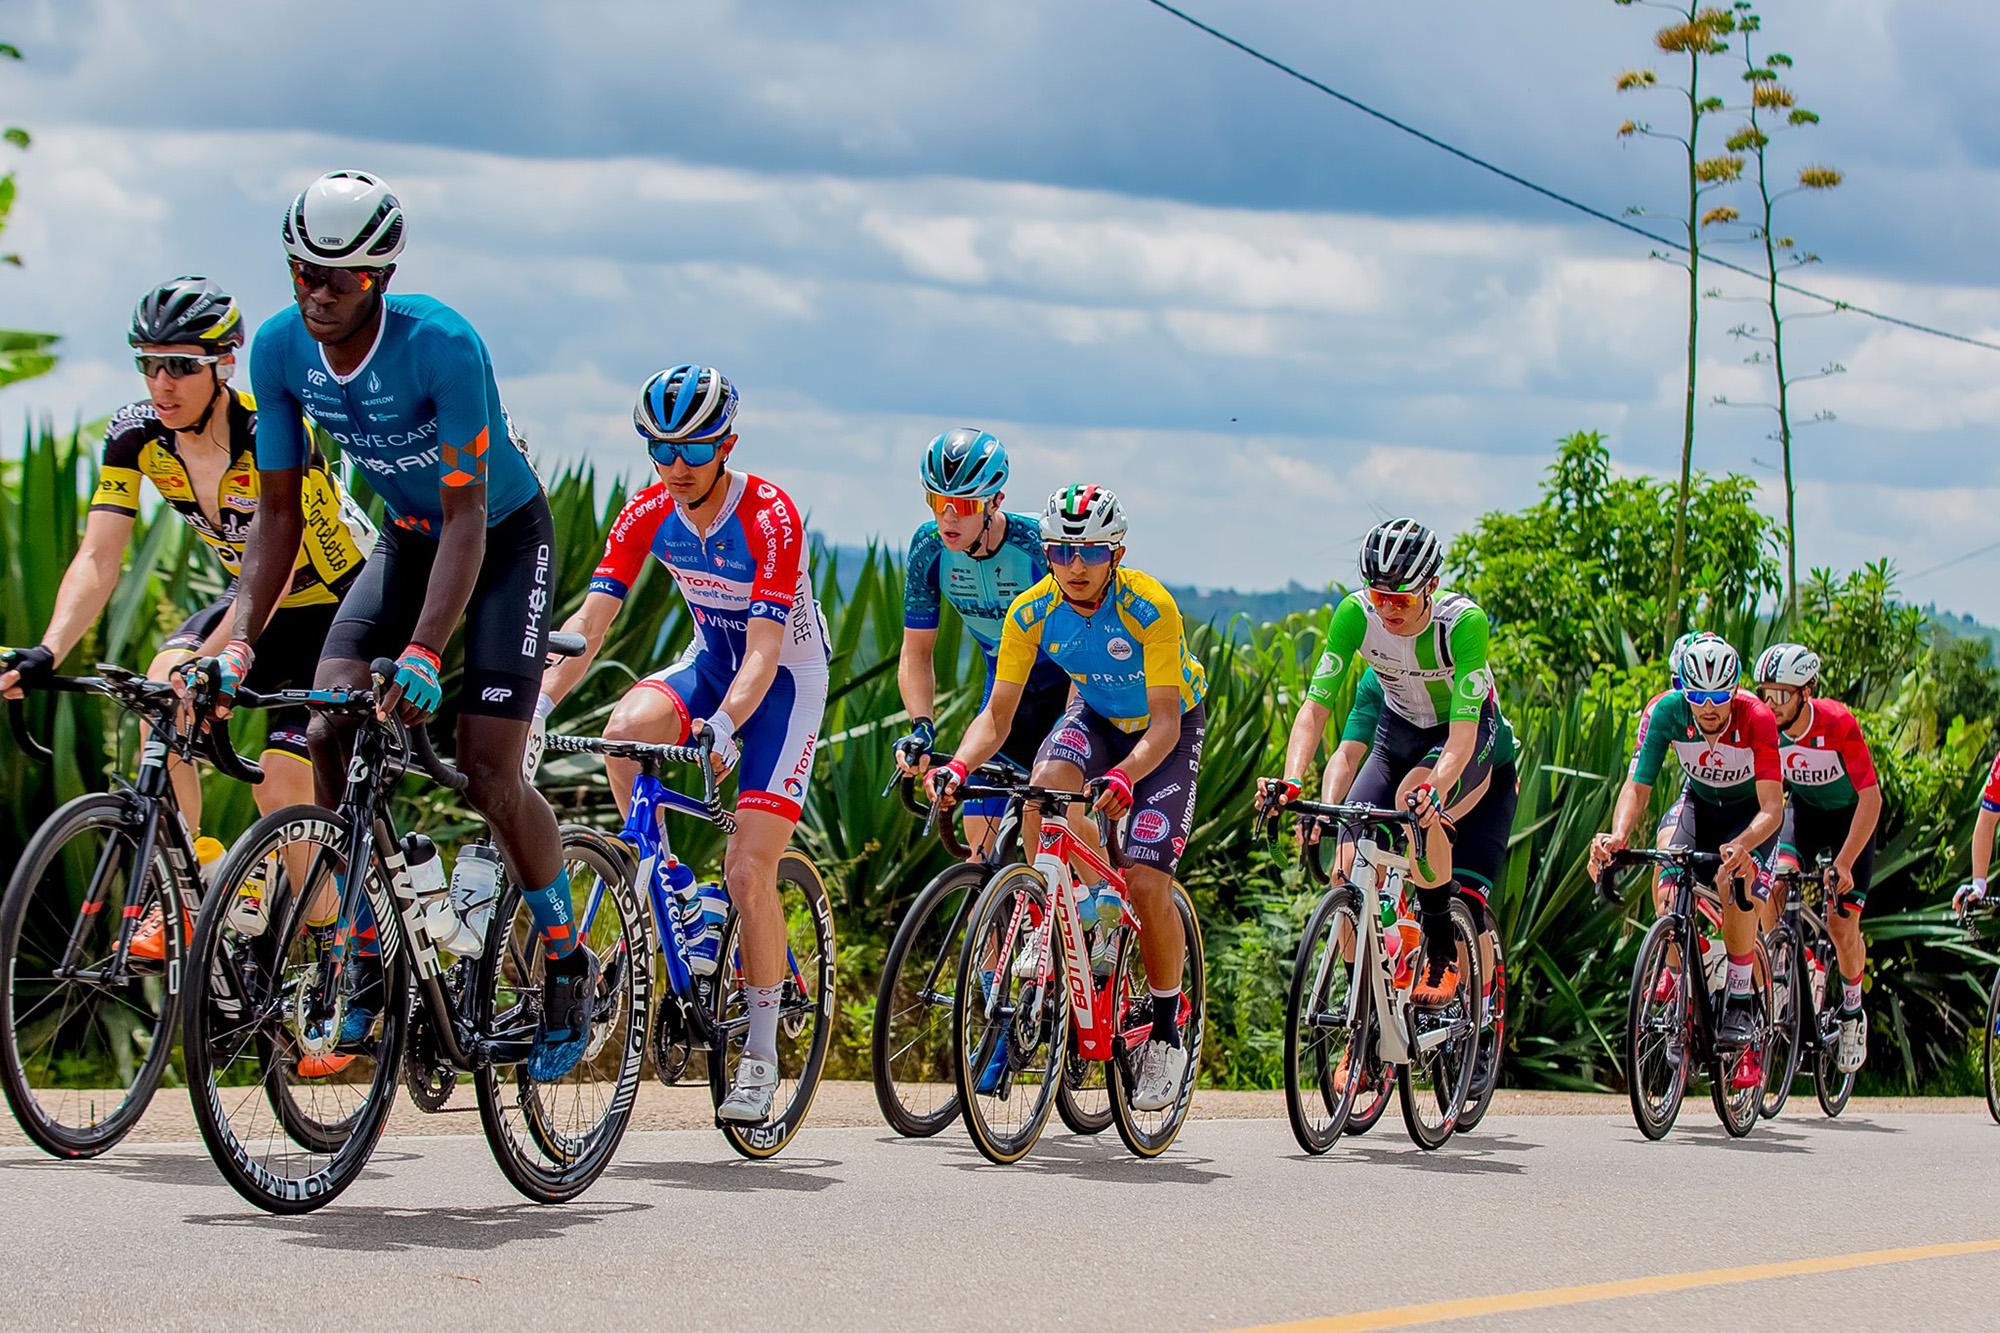 สเตจ 8 จบการแข่งขันลงในวันนี้ ของ Tour of Rwanda